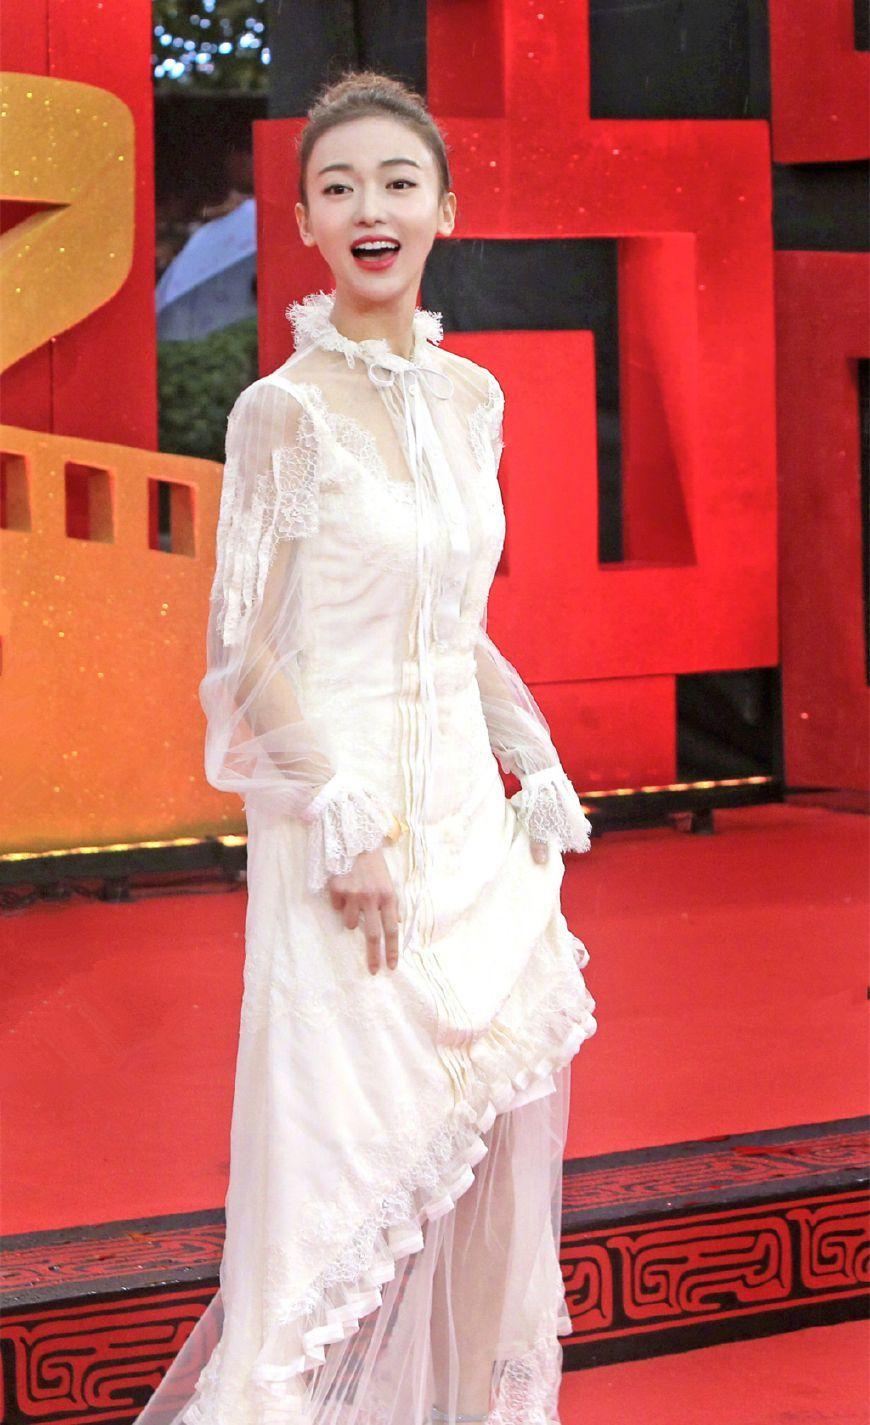 吴谨言穿一万多的白裙走红毯,却吃了身材的亏,太垮了,不好看!